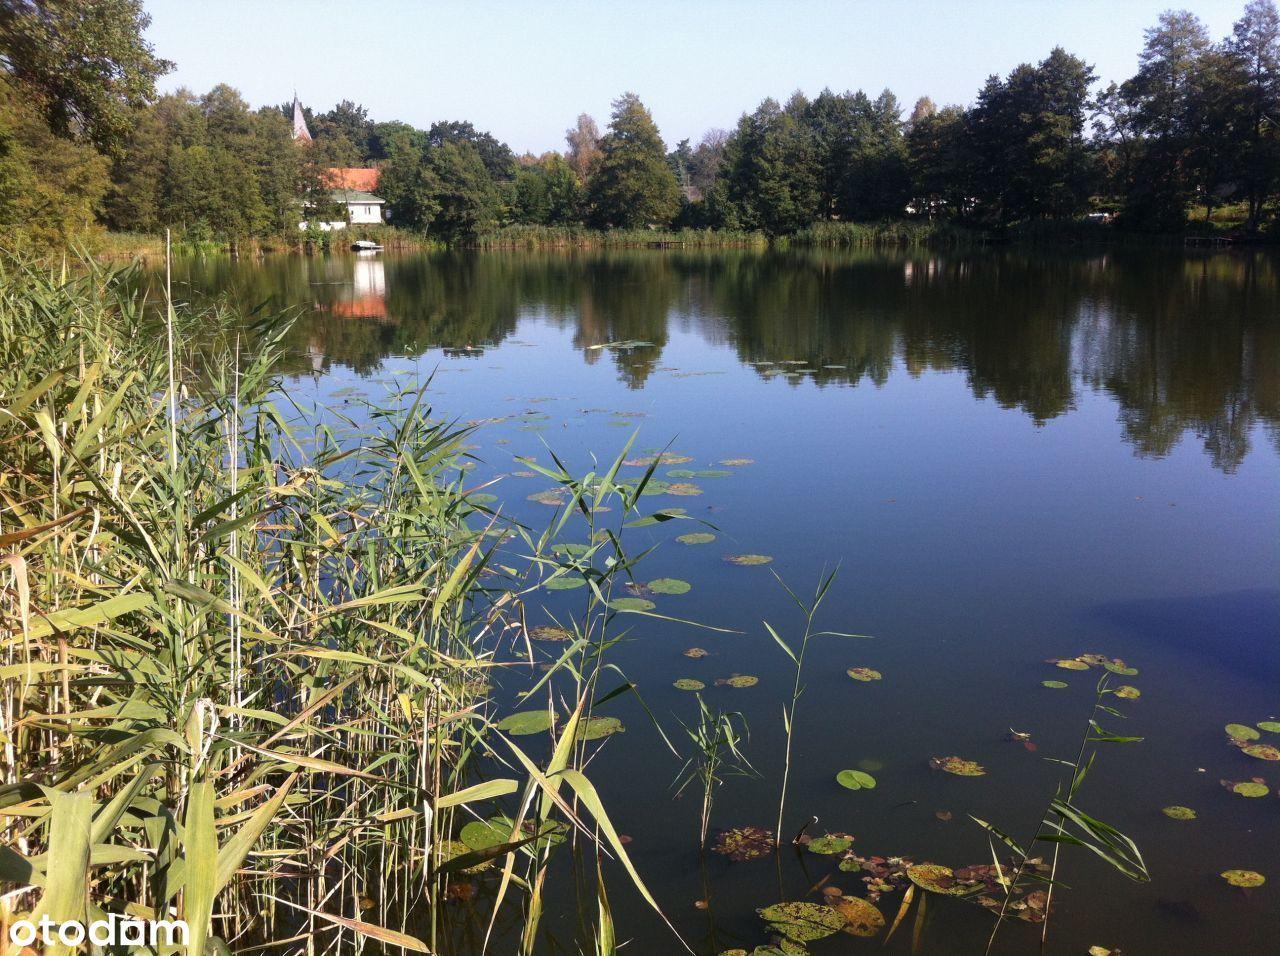 Działka budowl.-Rudna(Gorzów25km)-blisko jeziorko!